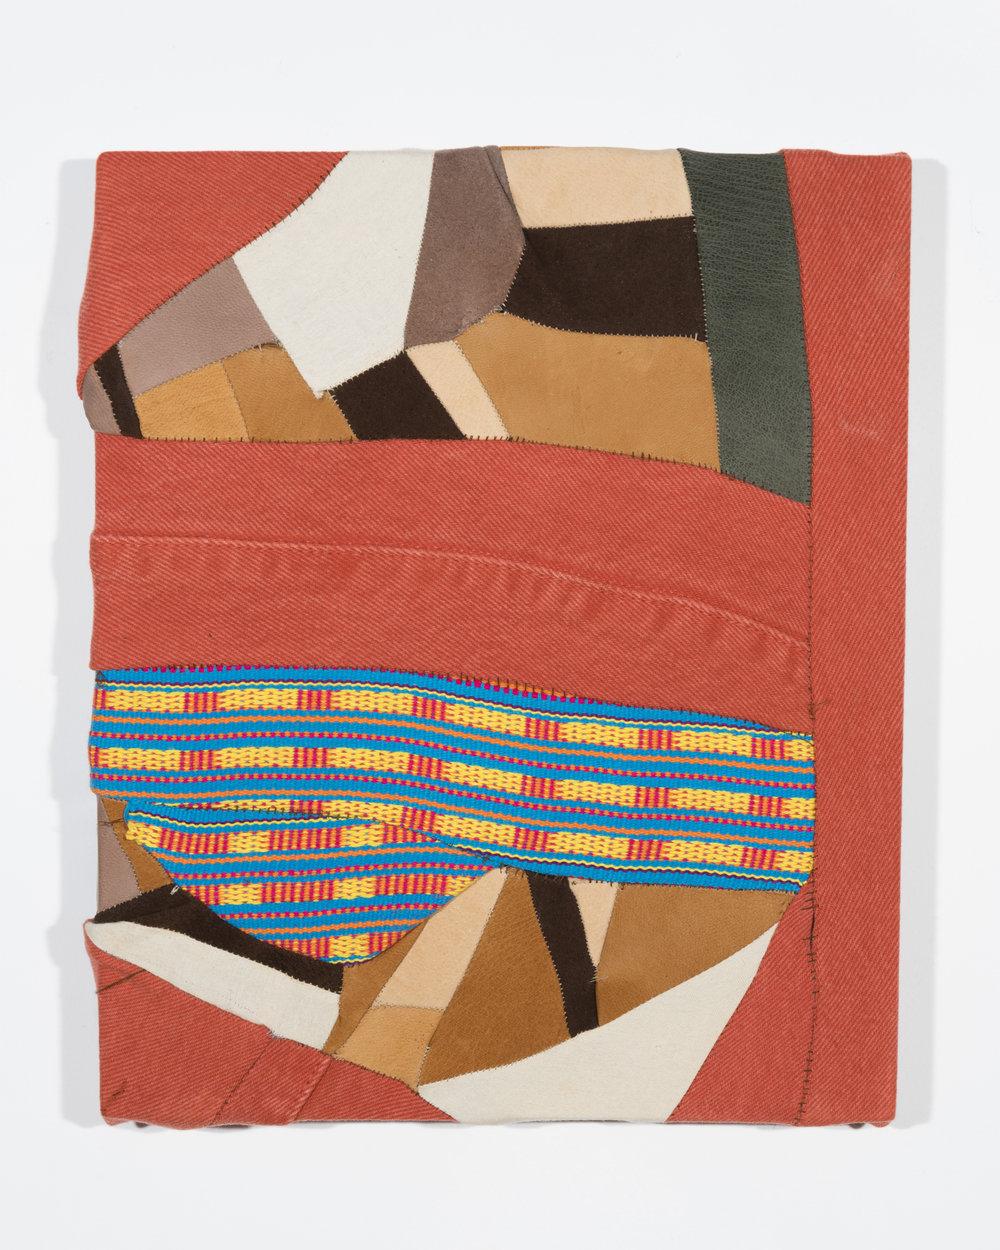 025-Bruno Smith.jpg